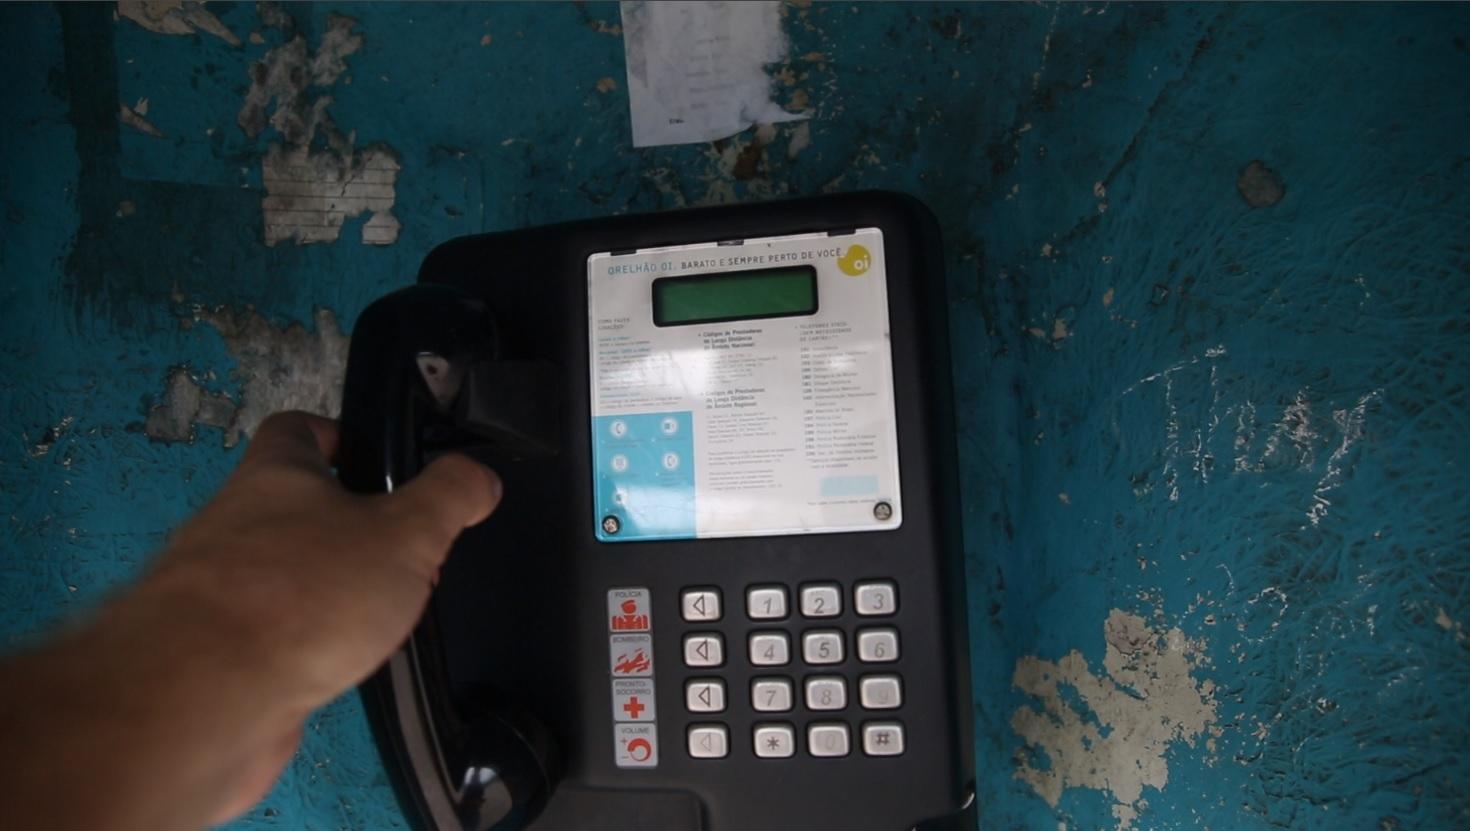 Faça ligações gratuitas para telefones fixos de Florianópolis com orelhões da Oi